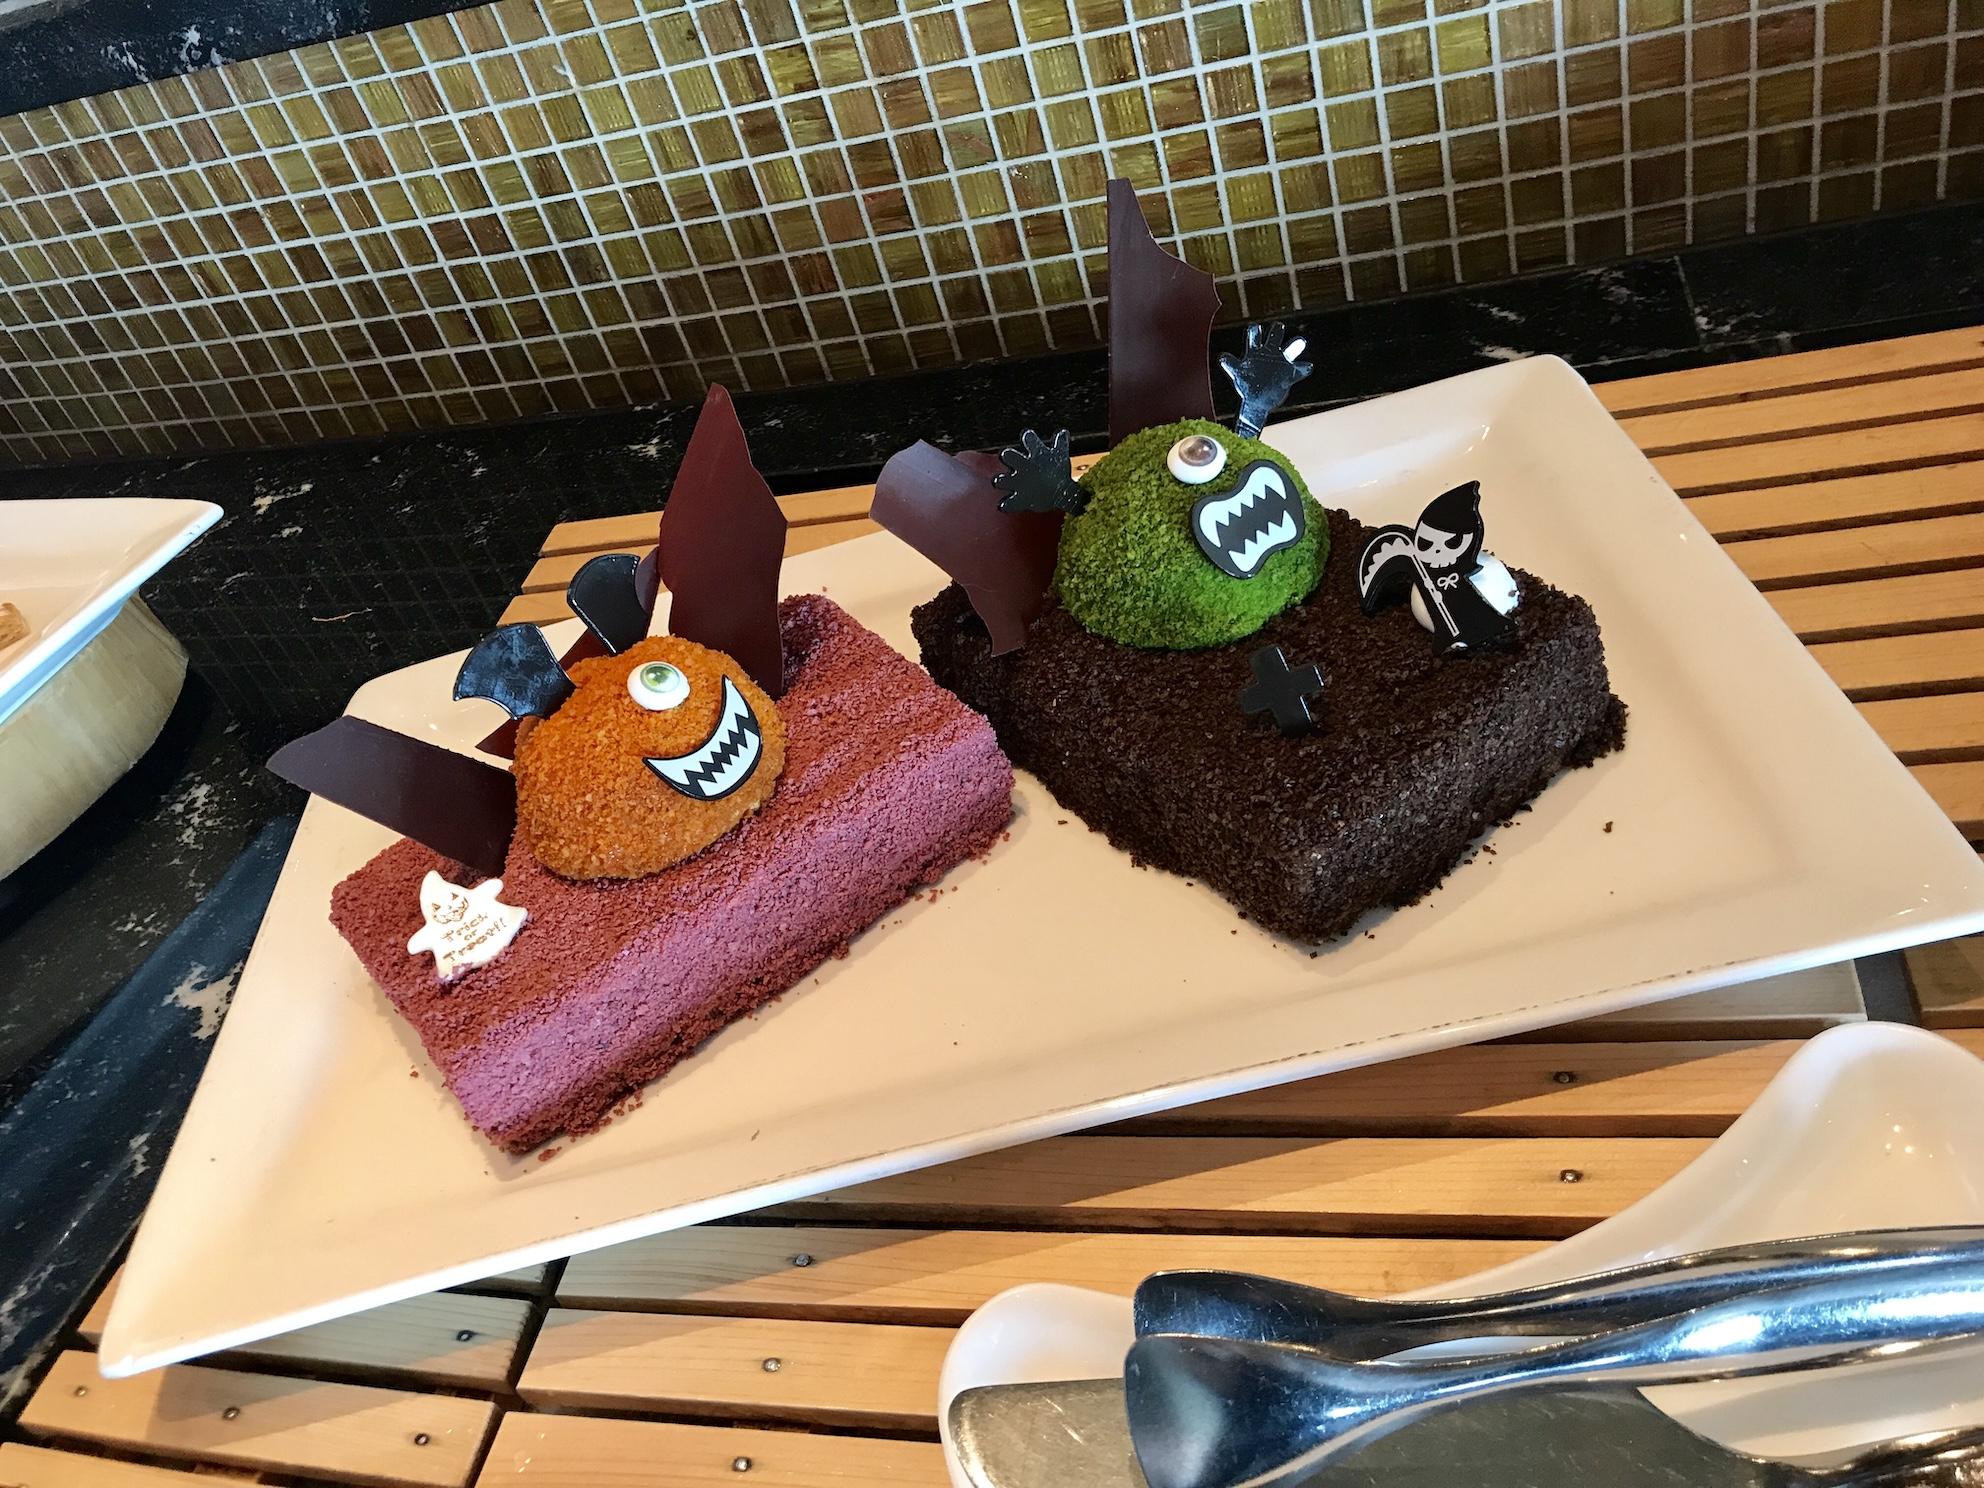 【ハロウィンスイーツブッフェへ出掛けよう!】10/5〜スタート!スイスホテル南海大阪 Swiss Chocoholic Halloween Buffet レセプションに行ってきました。【大阪 難波 なんば】_7